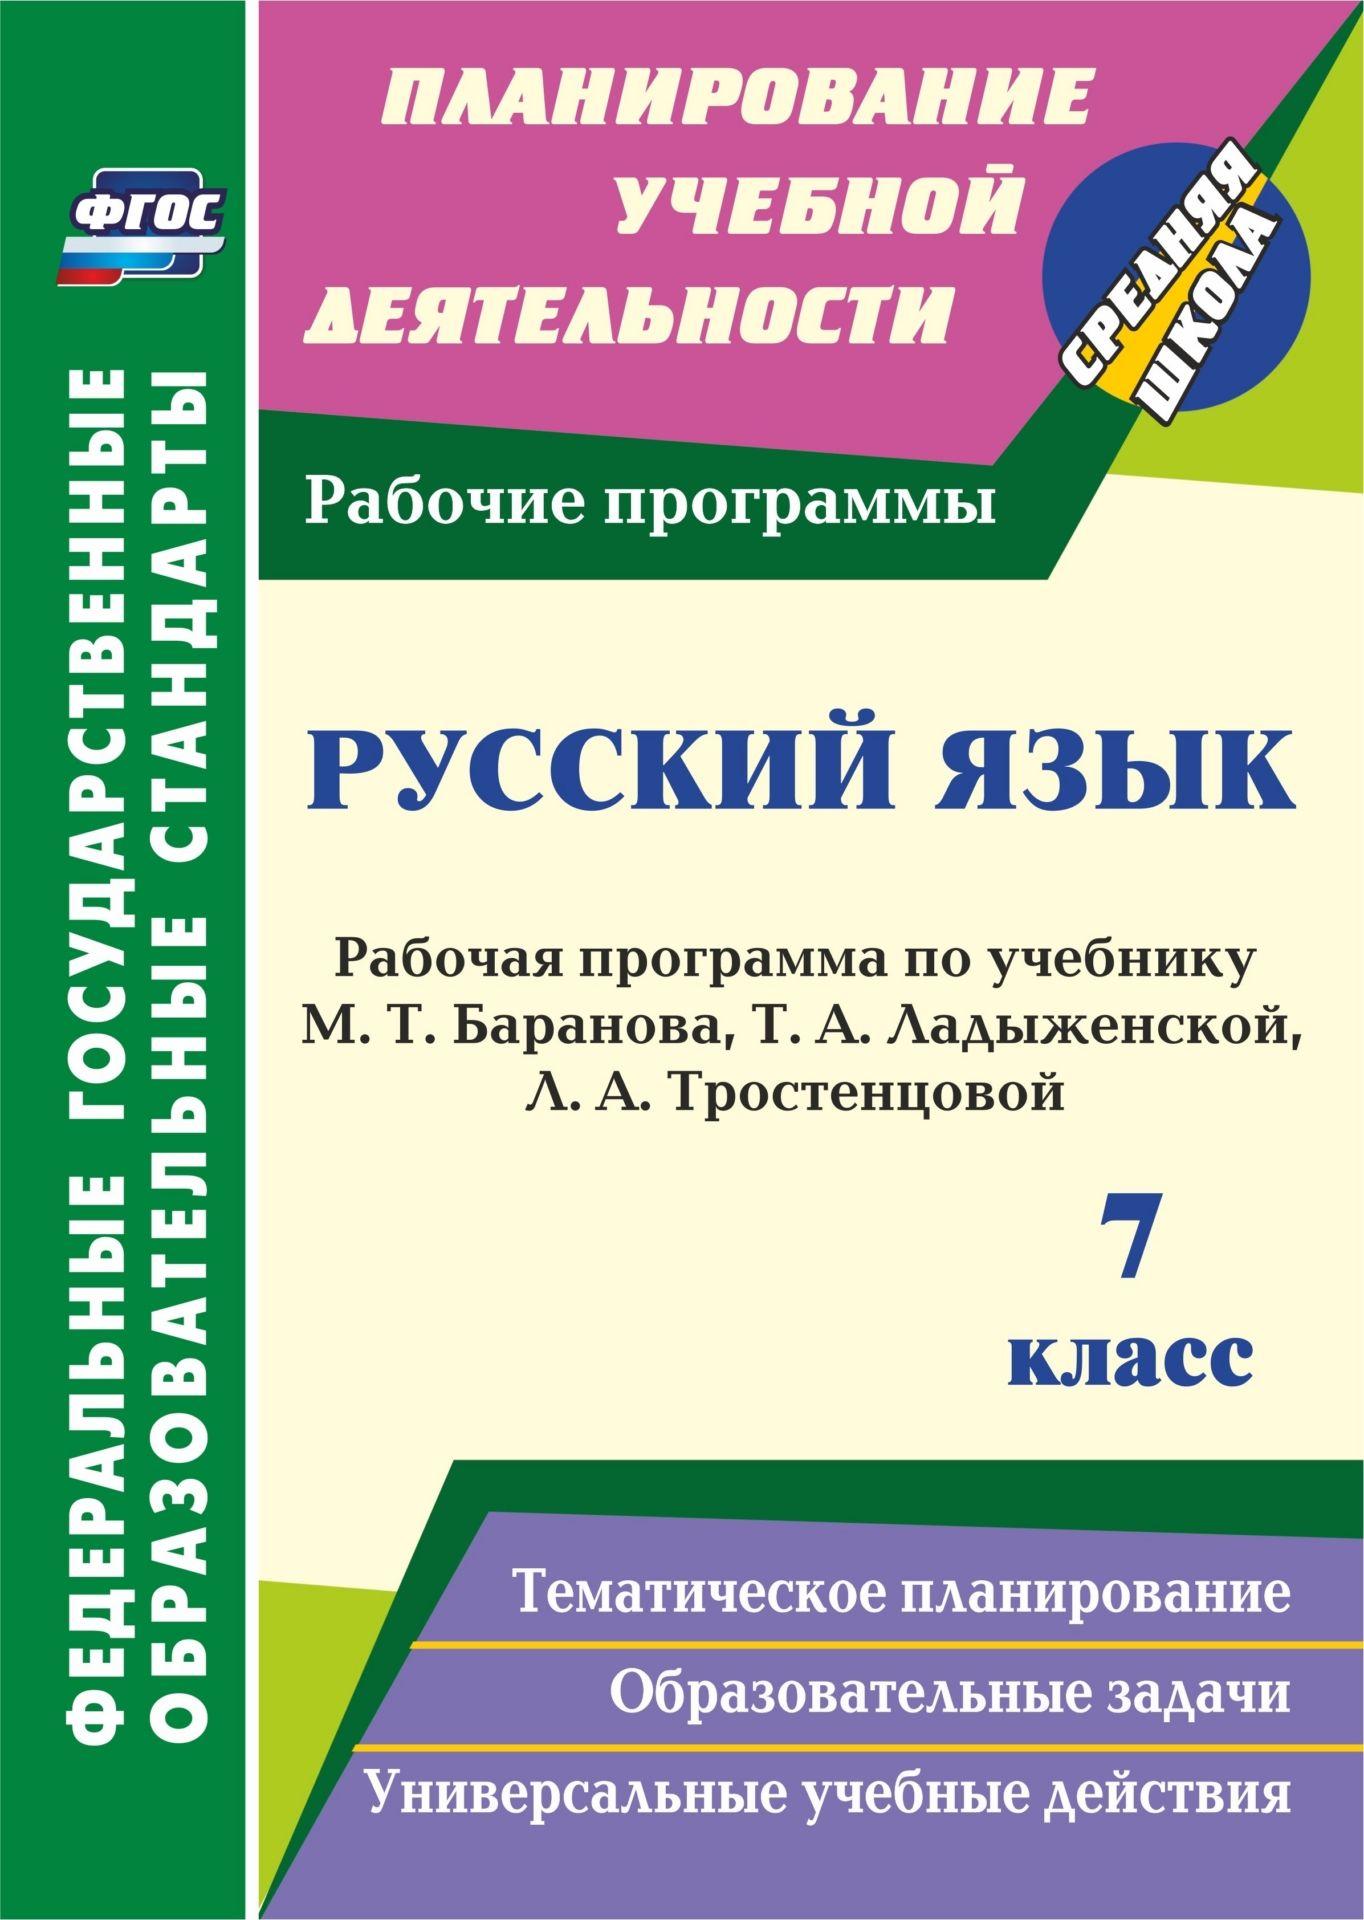 Русский язык. 7 класс: рабочая программа по учебнику Т. А. Ладыженской, М. Т. Баранова, Л. А. Тростенцовой